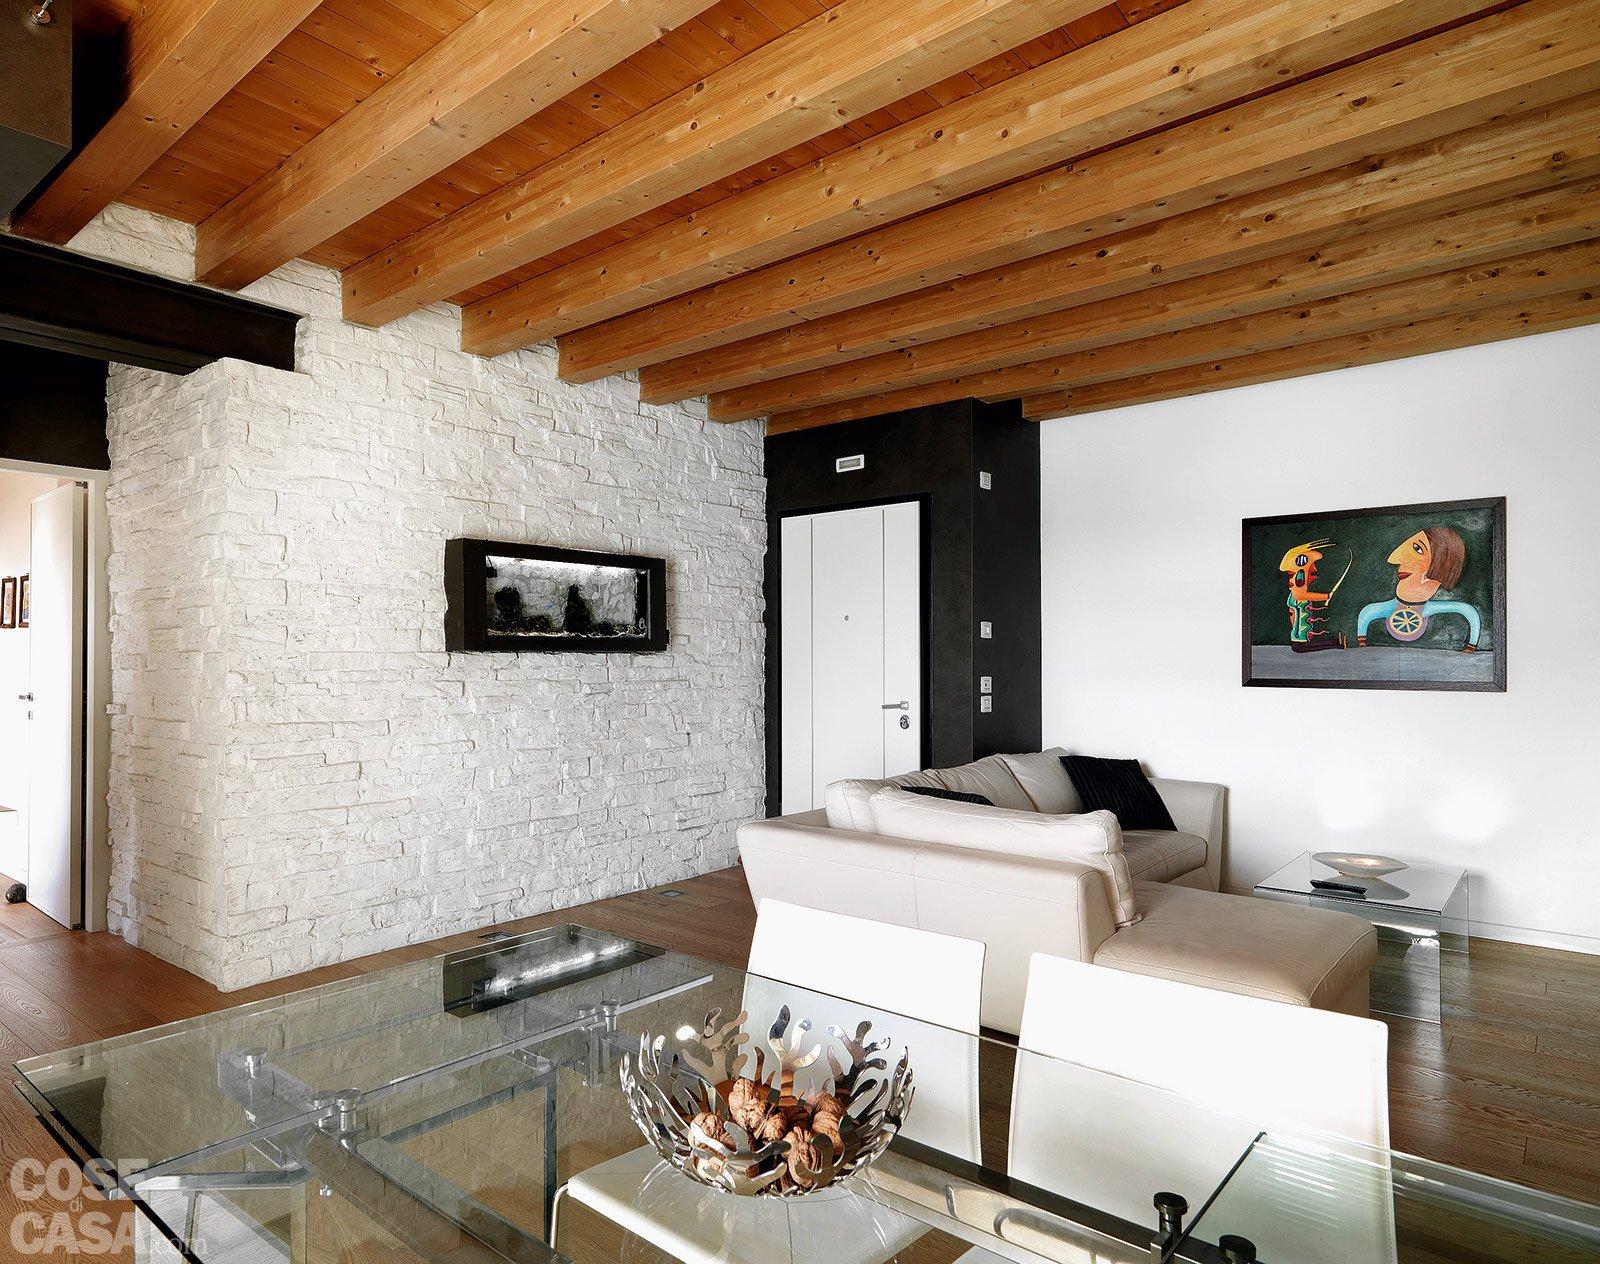 Casa con 10 trucchi 83 mq sembrano pi grandi cose di for Grandi pavimenti del garage